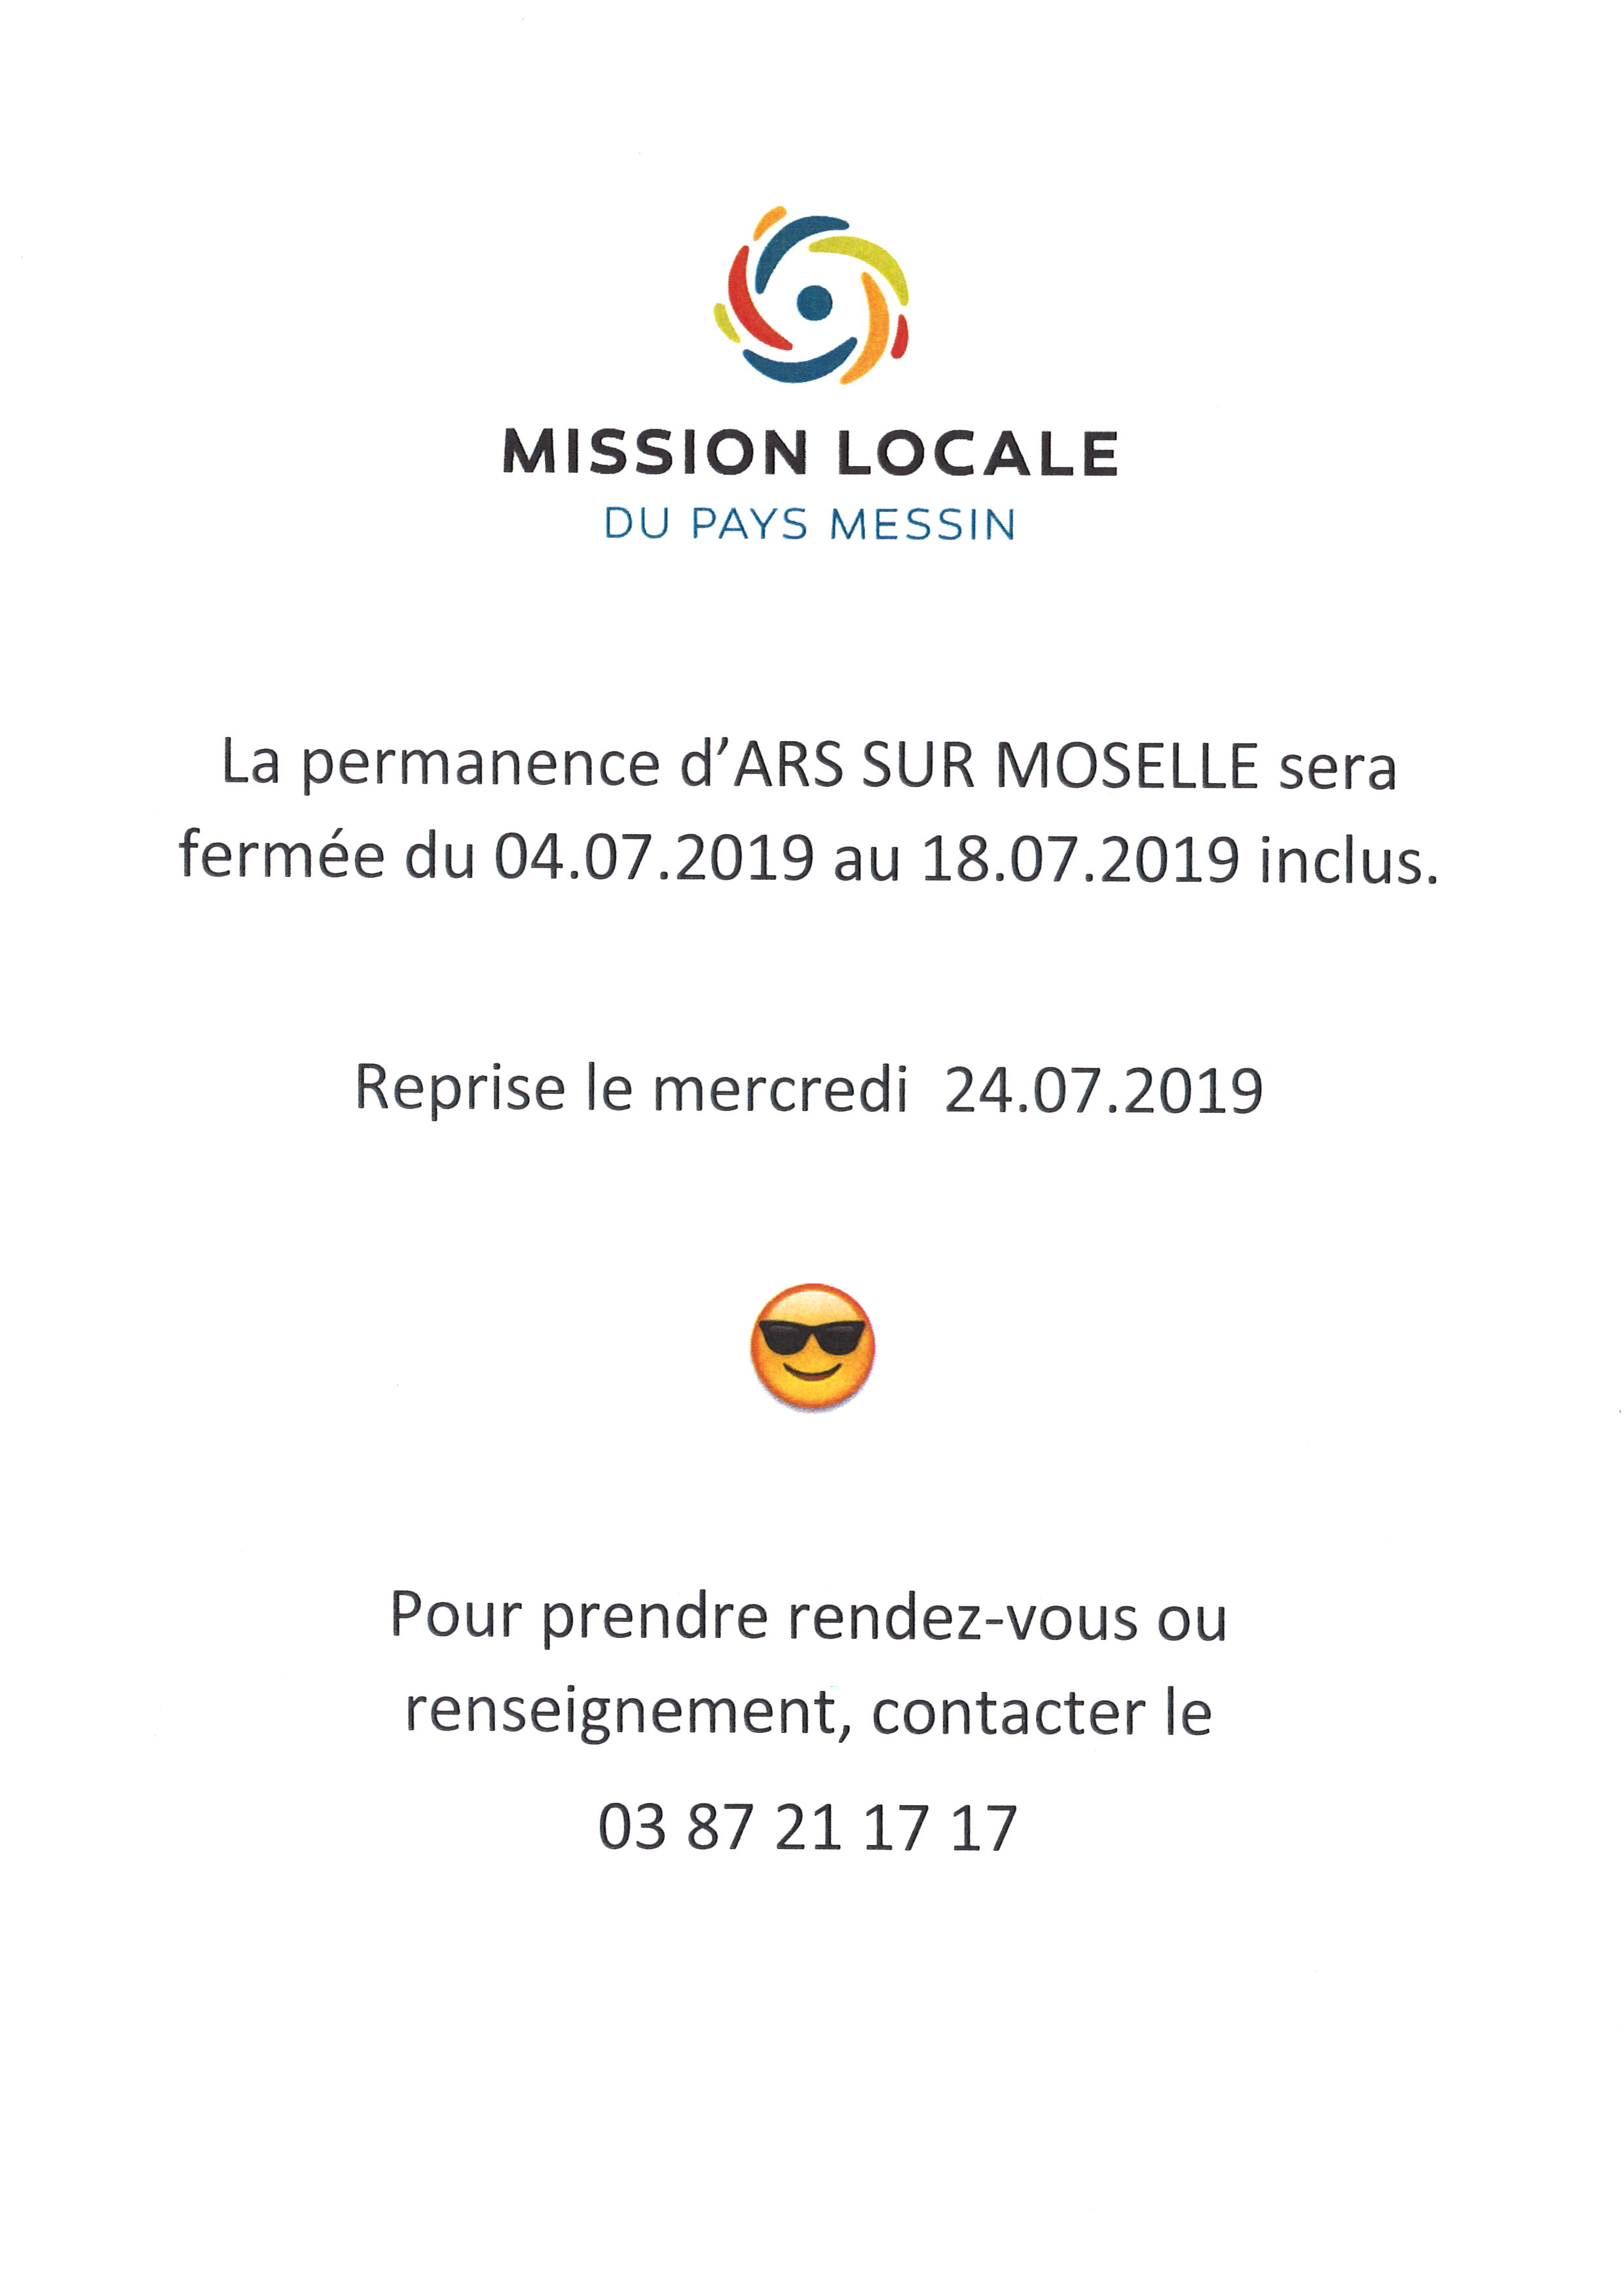 MISSION LOCALE fermée du 4 au 18 juillet